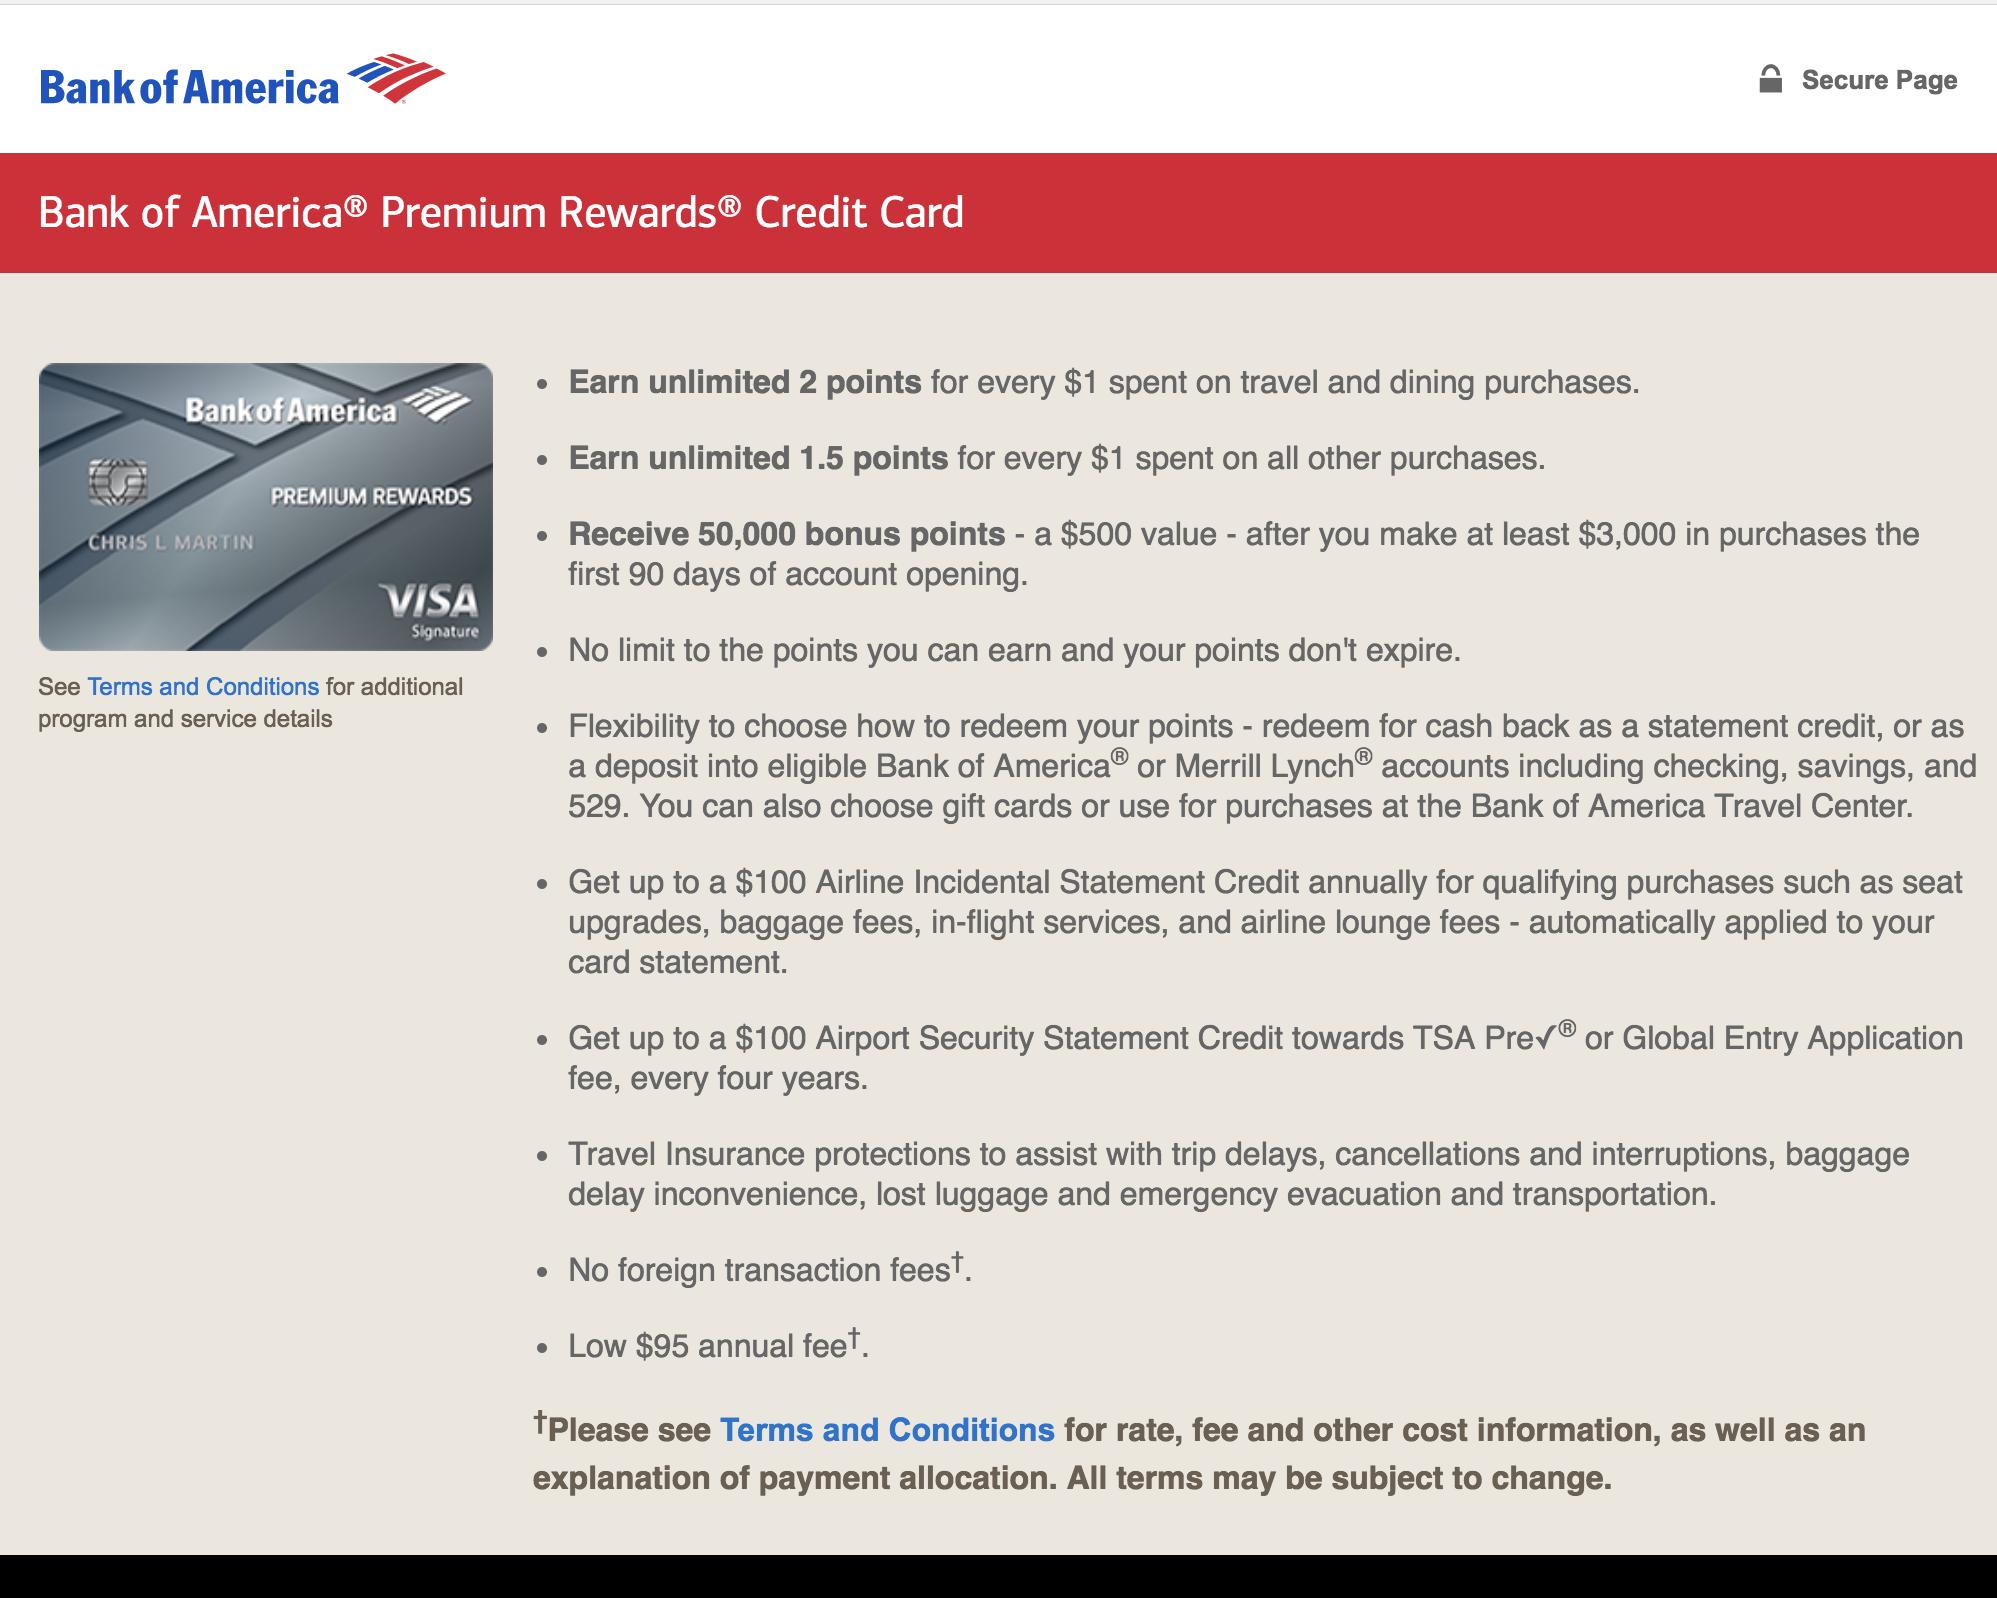 Bank of America® Premium Rewards® Credit Card - AwardWallet Blog